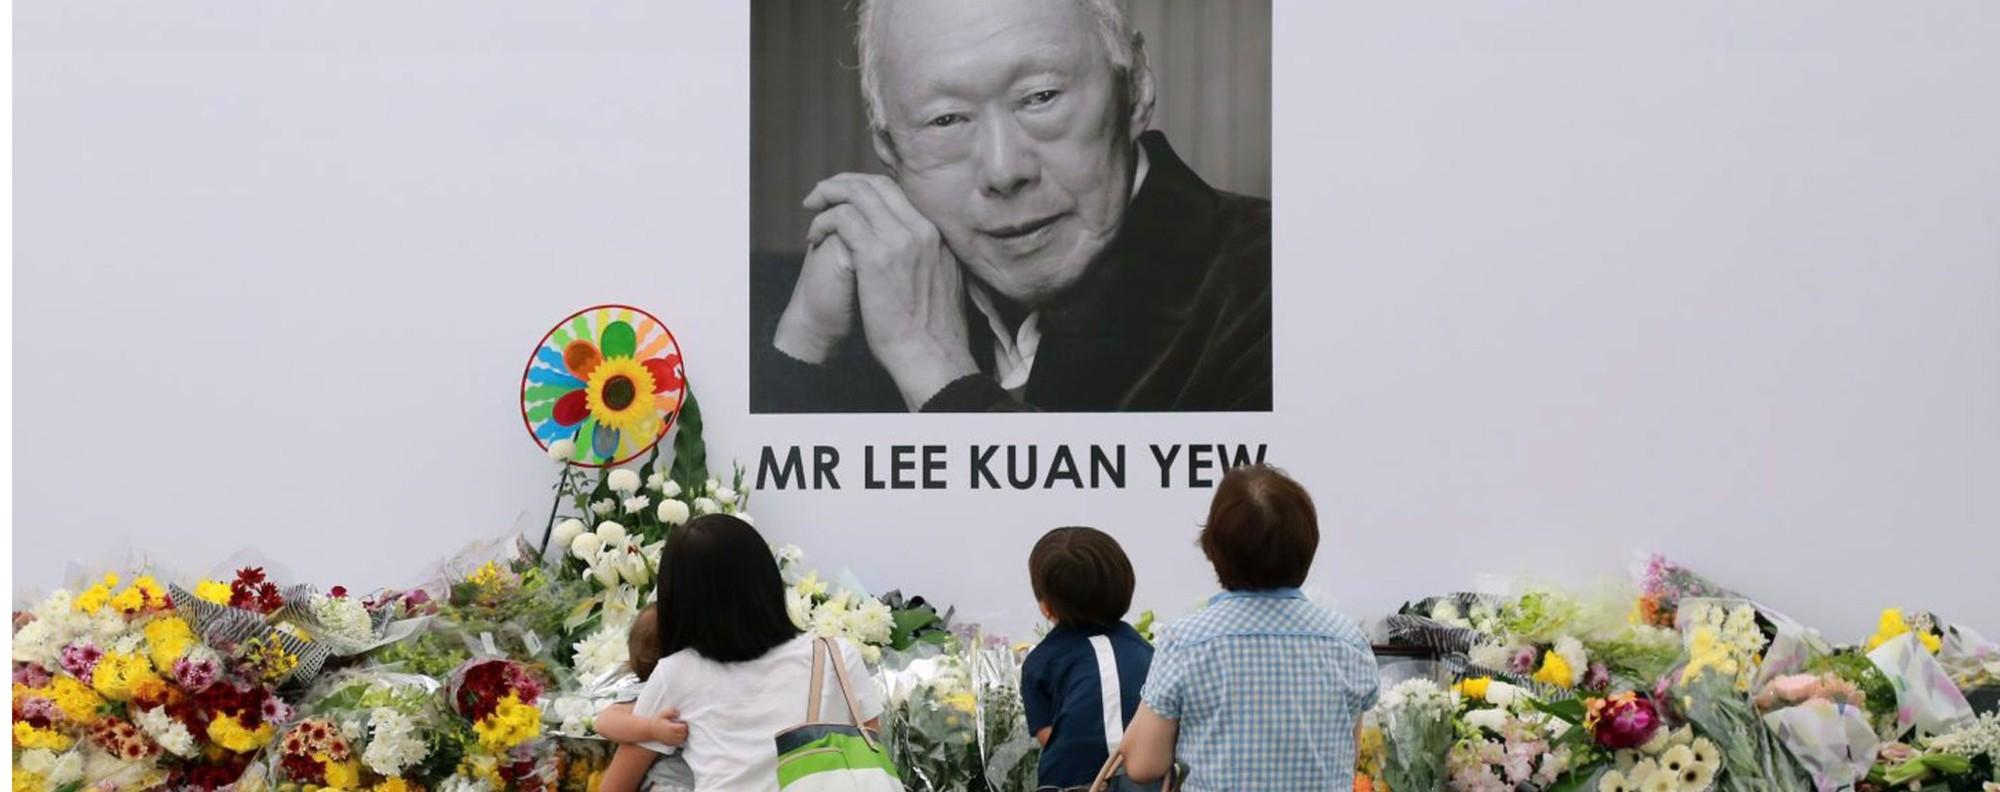 A memorial to Lee Kuan Yew. Photo: EPA